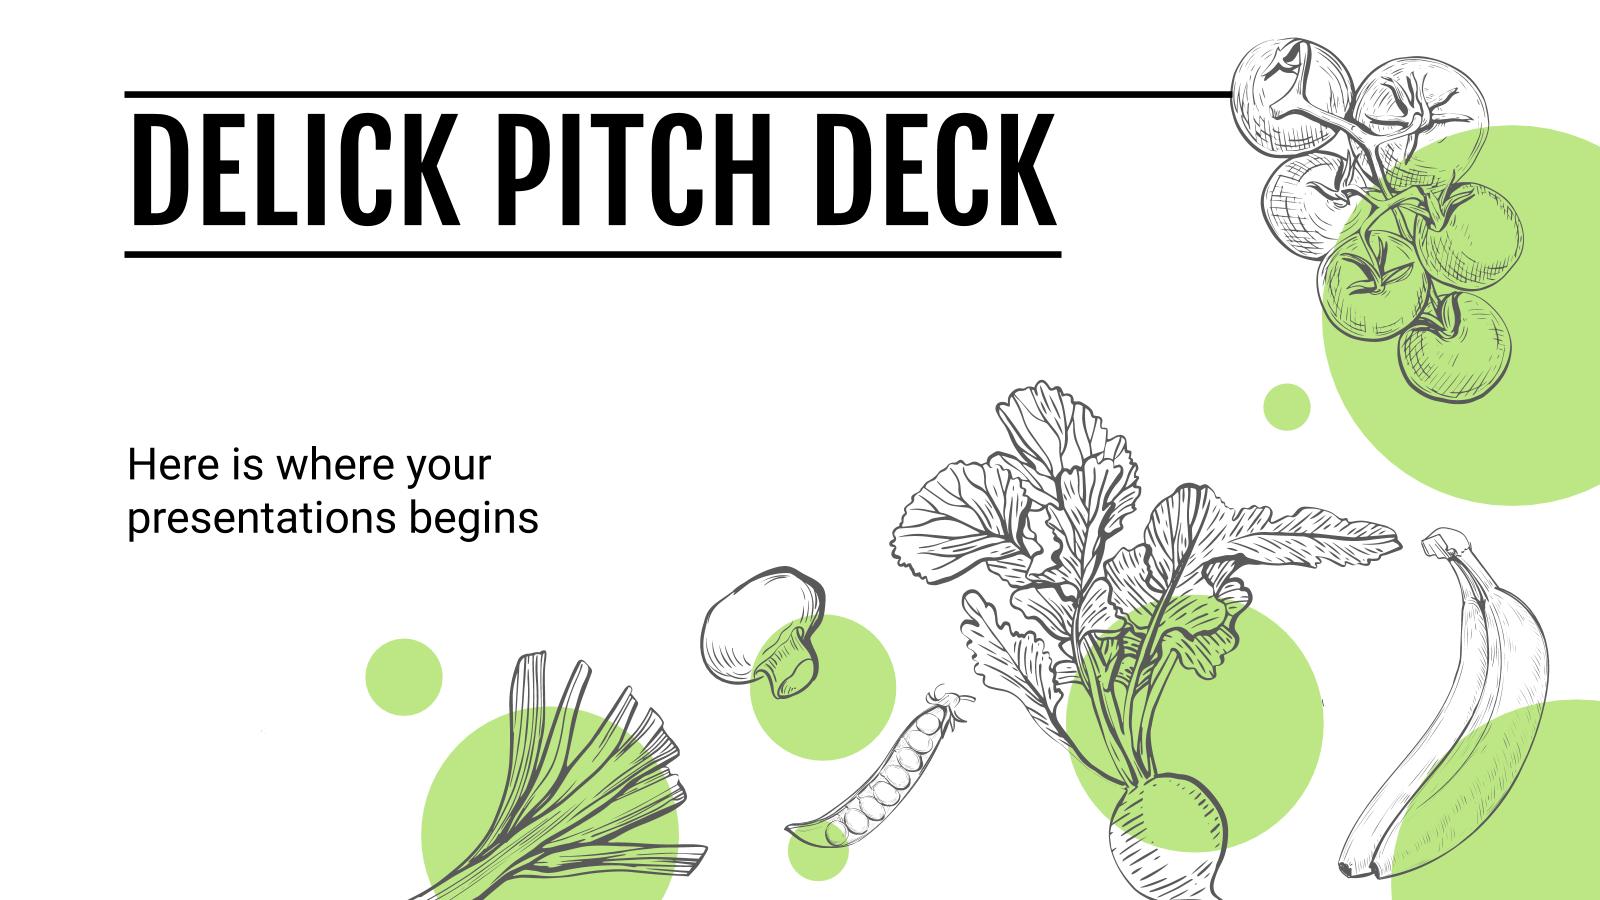 Plantilla de presentación Pitch deck Delick